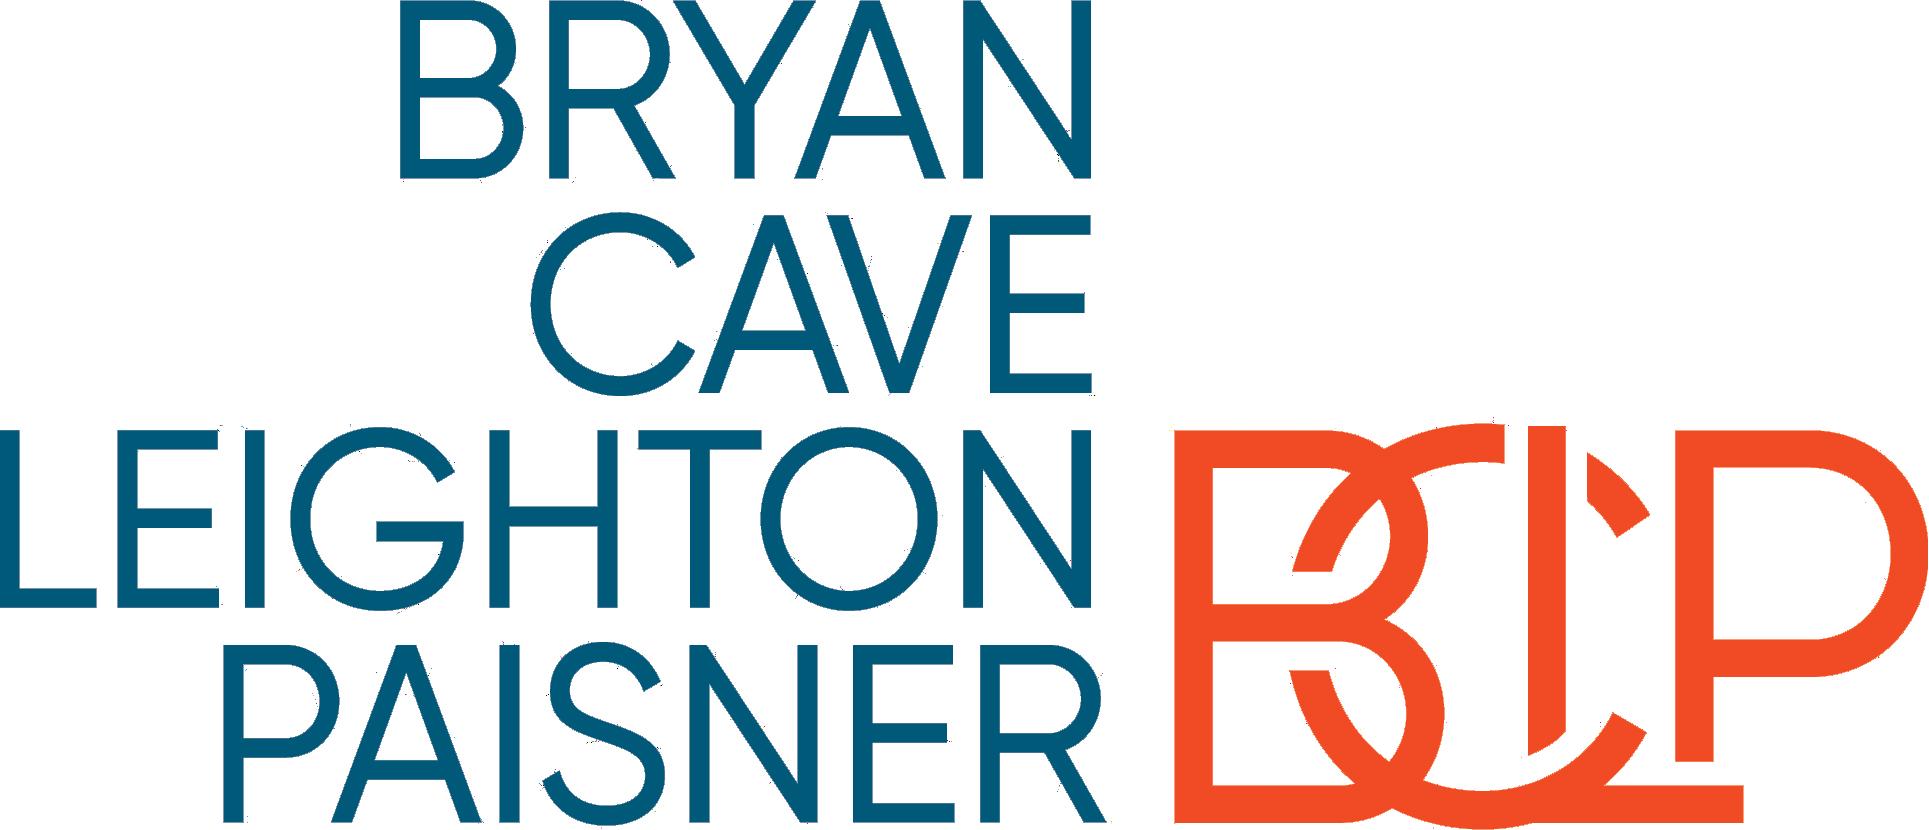 Bryan, Cave Leightner LLP